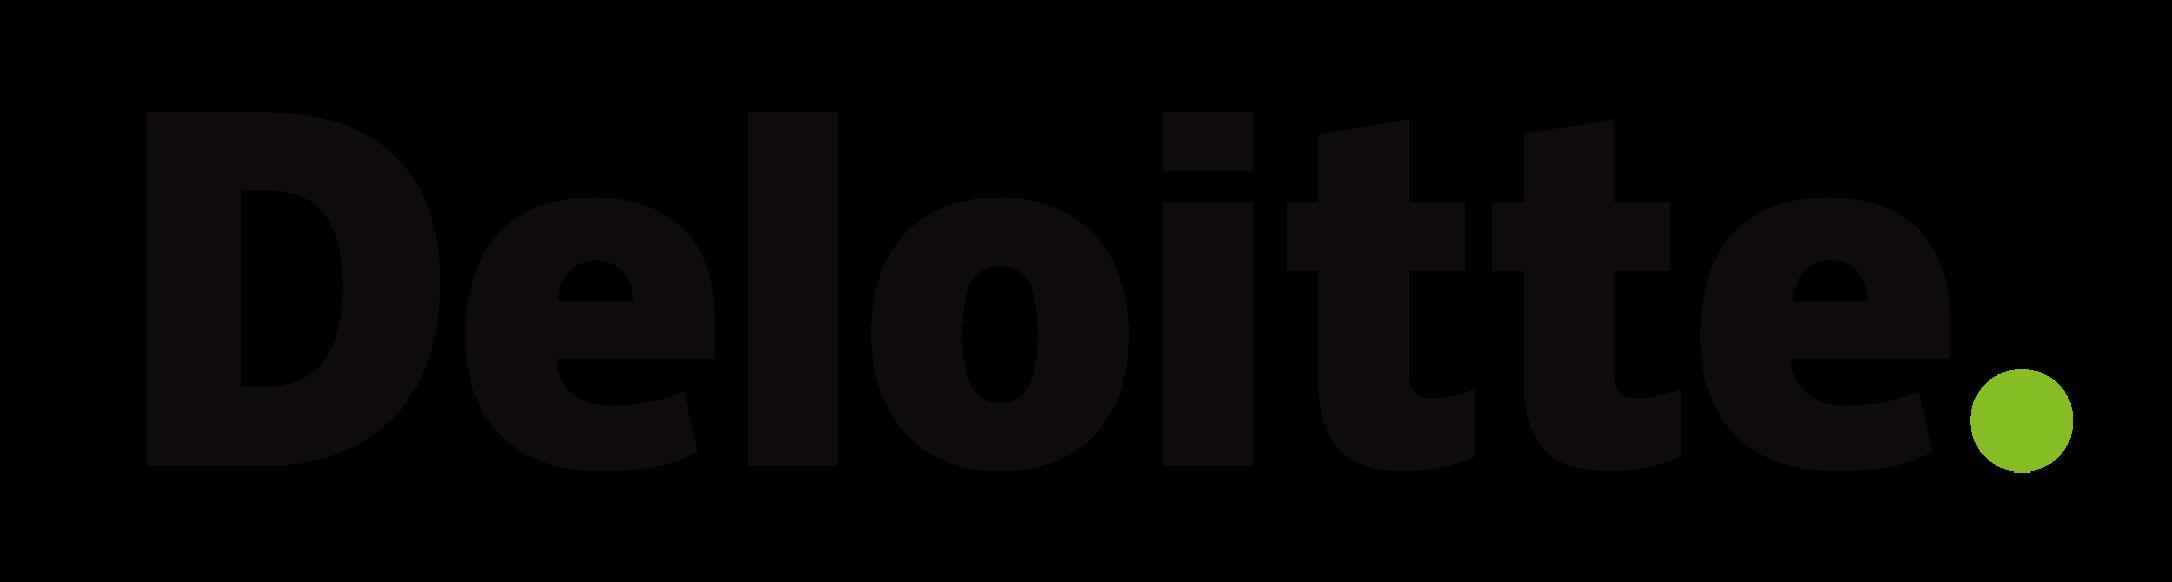 logo_Deloitte2.png